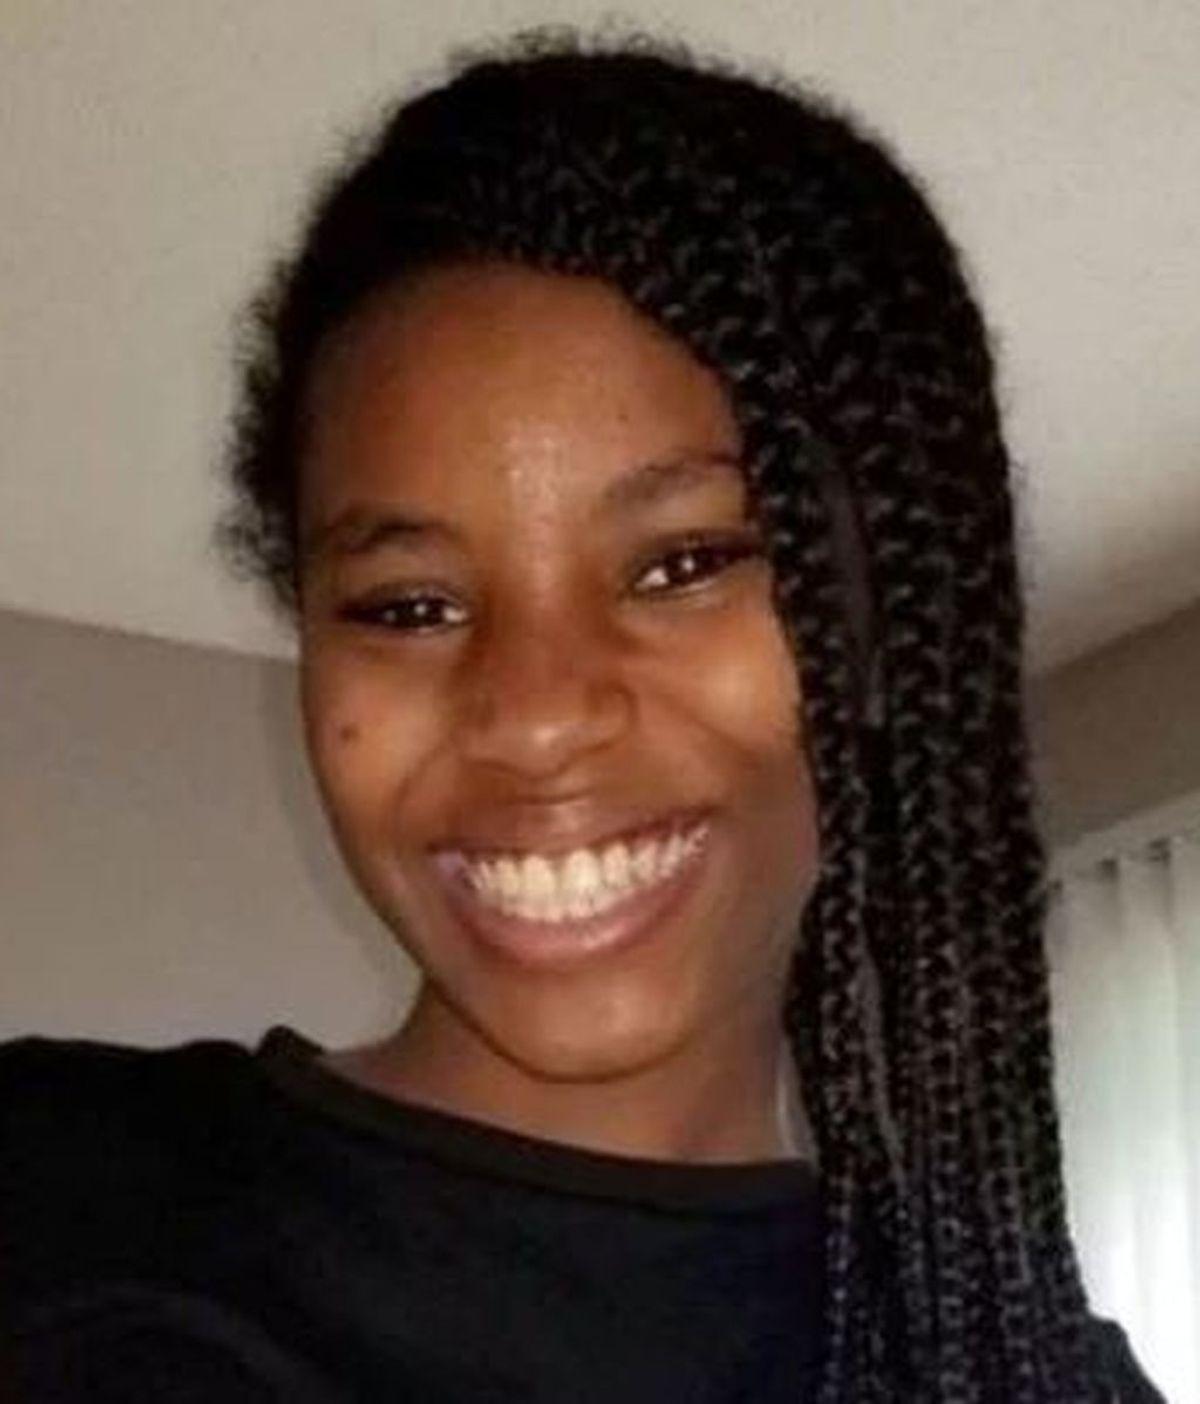 Una niña de 12 años protege a su sobrina, de 18 meses, durante un tiroteo